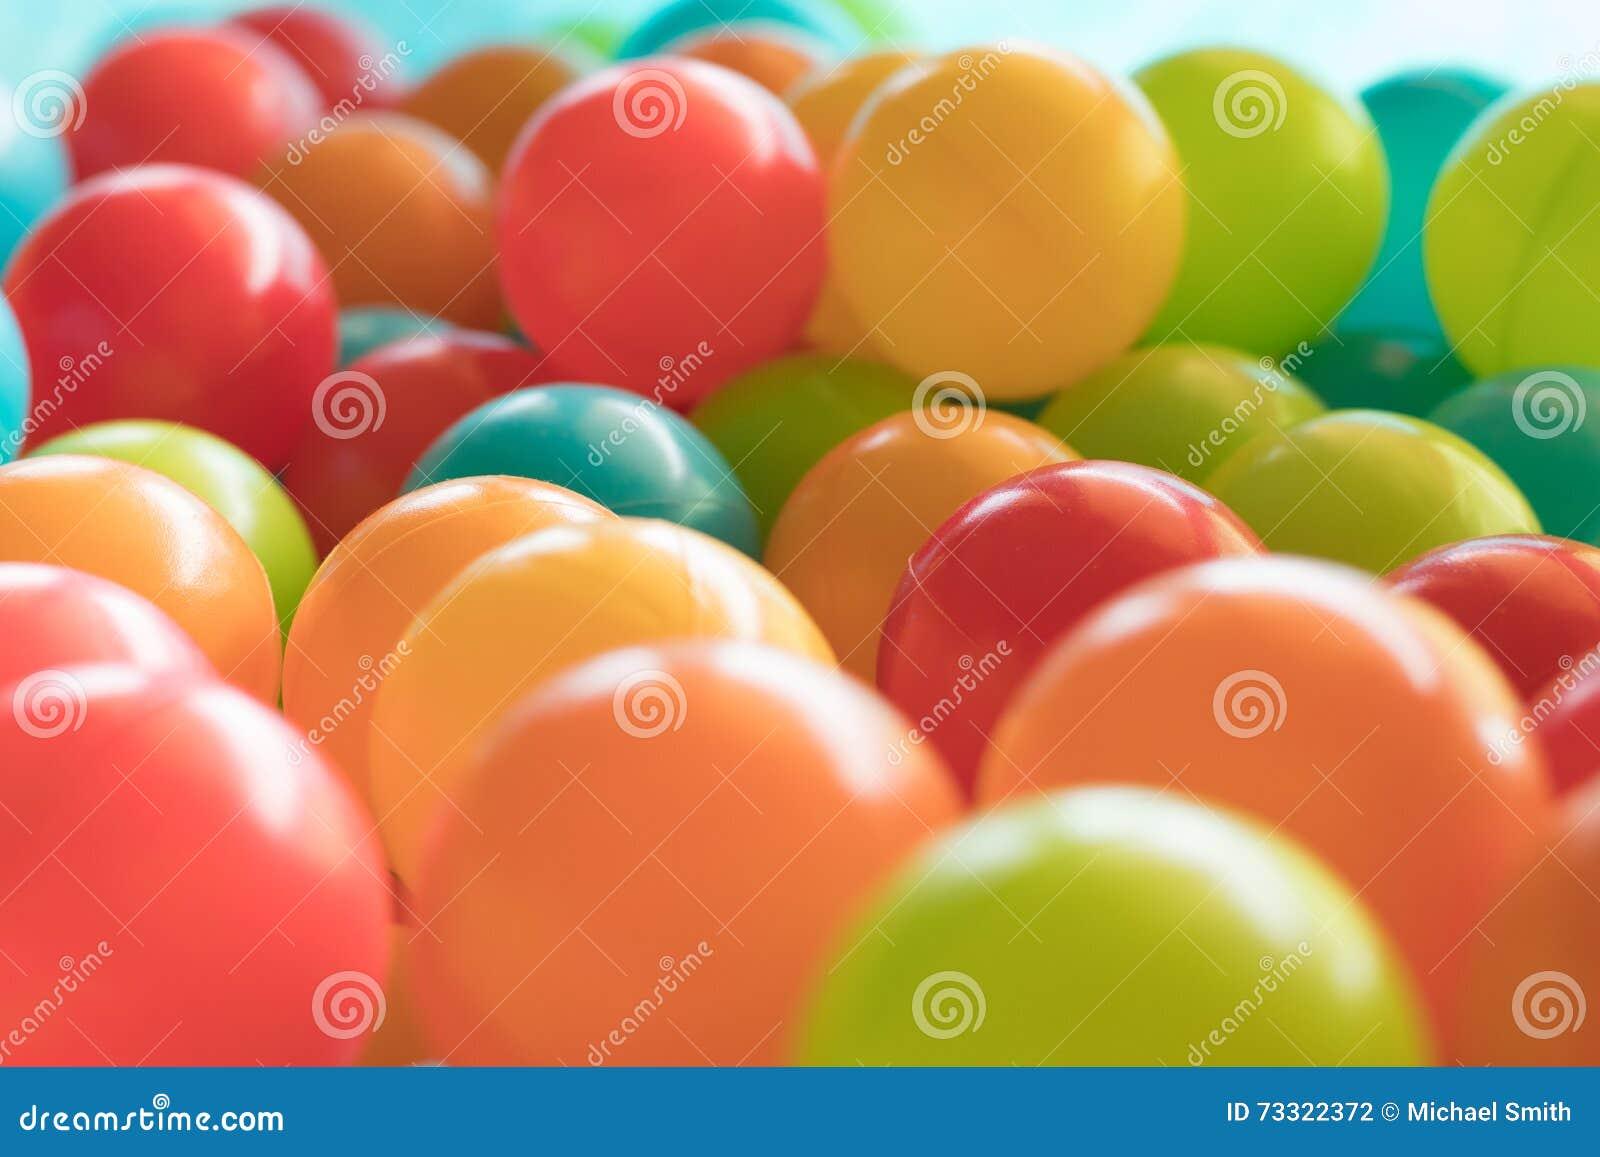 Ljusa och färgrika plast- leksakbollar, bollgrop, slut upp